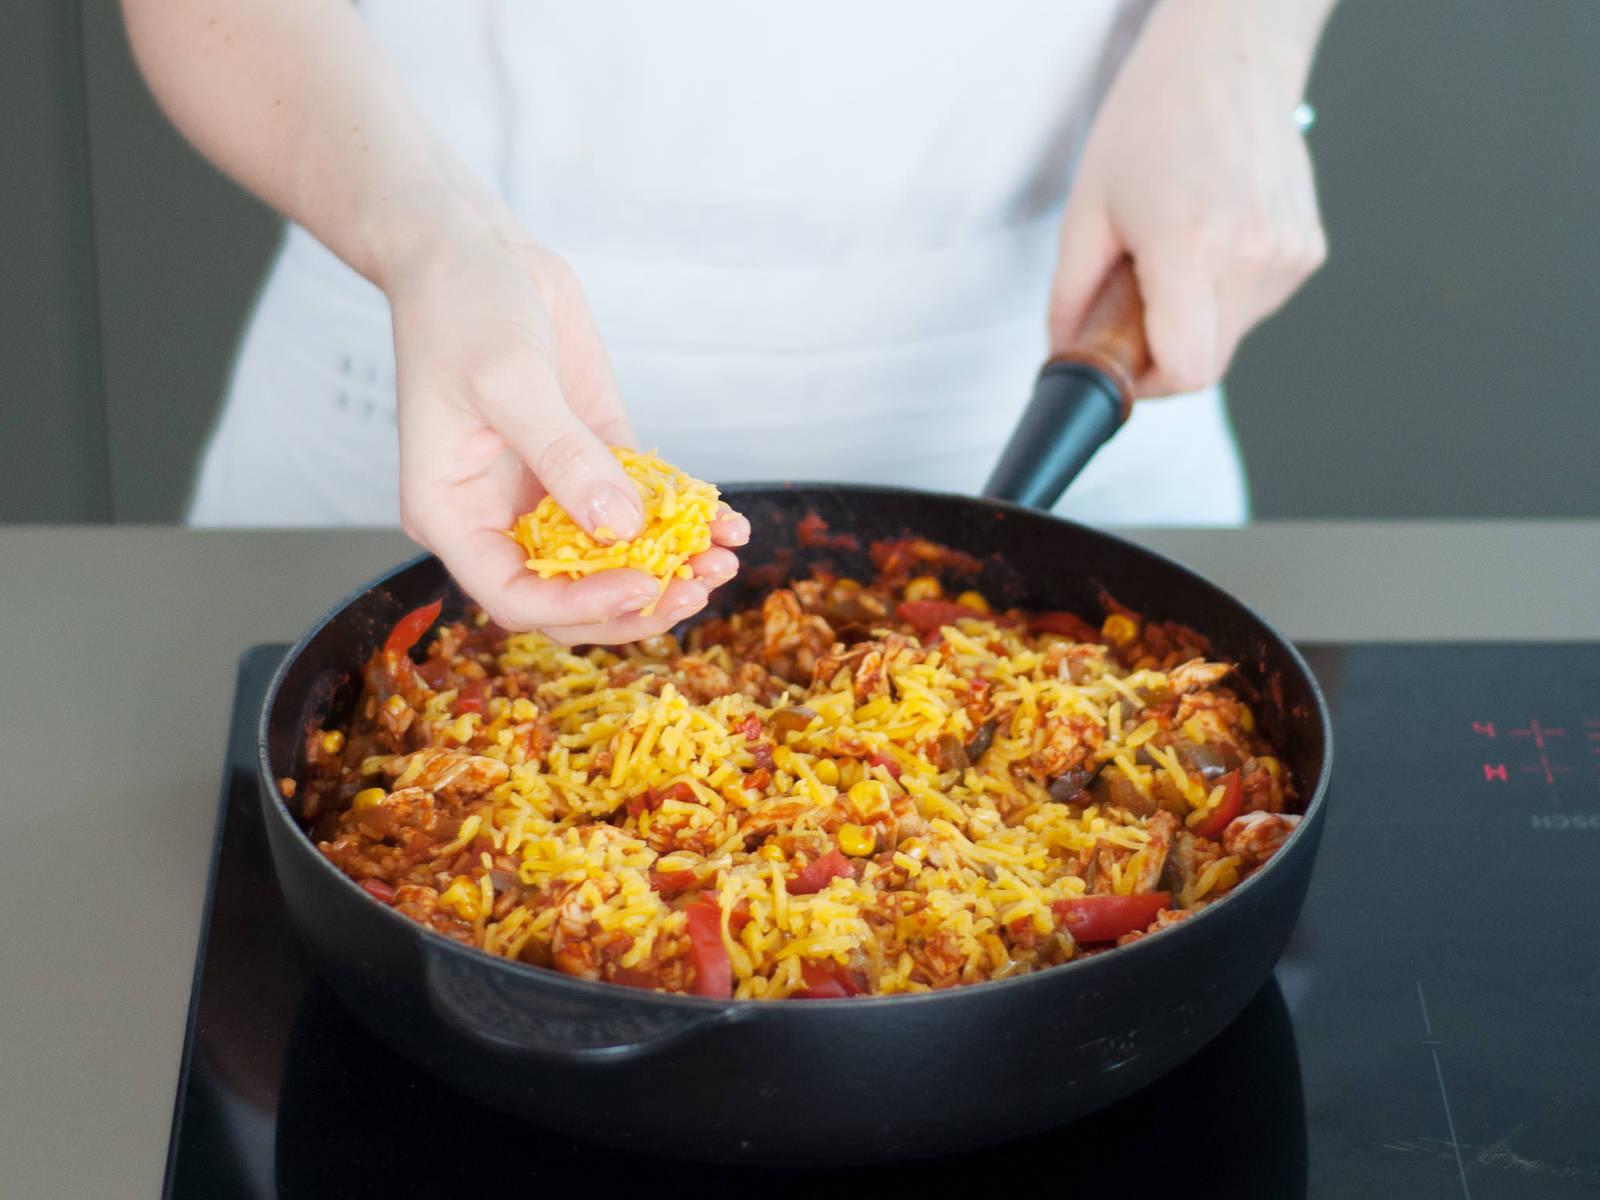 将鸡肉撕碎,与米饭混合。铺上一层芝士,将煎锅放入烤箱,焗烤5-10分钟,直至芝士开始融化。饰以香菜享用!